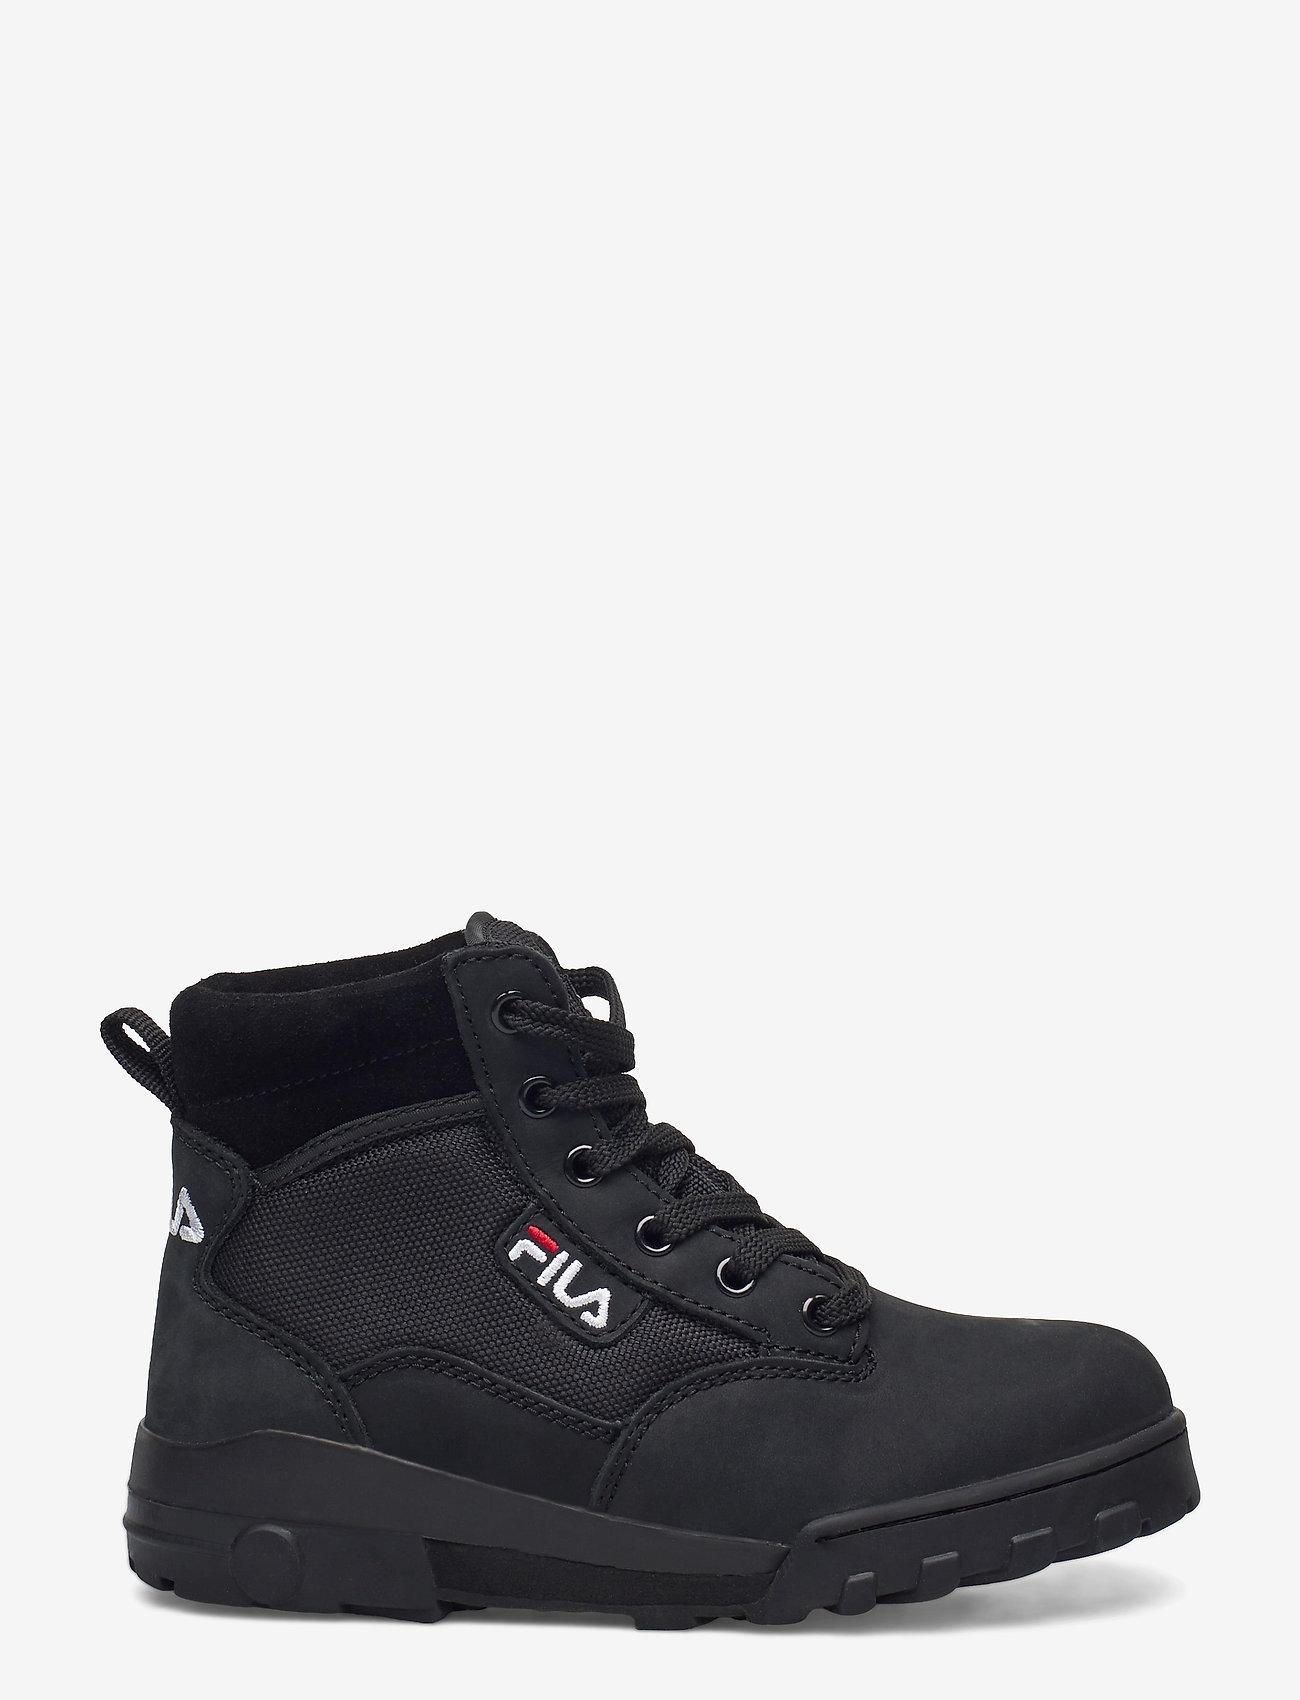 FILA - Grunge II mid wmn - hoge sneakers - black - 1